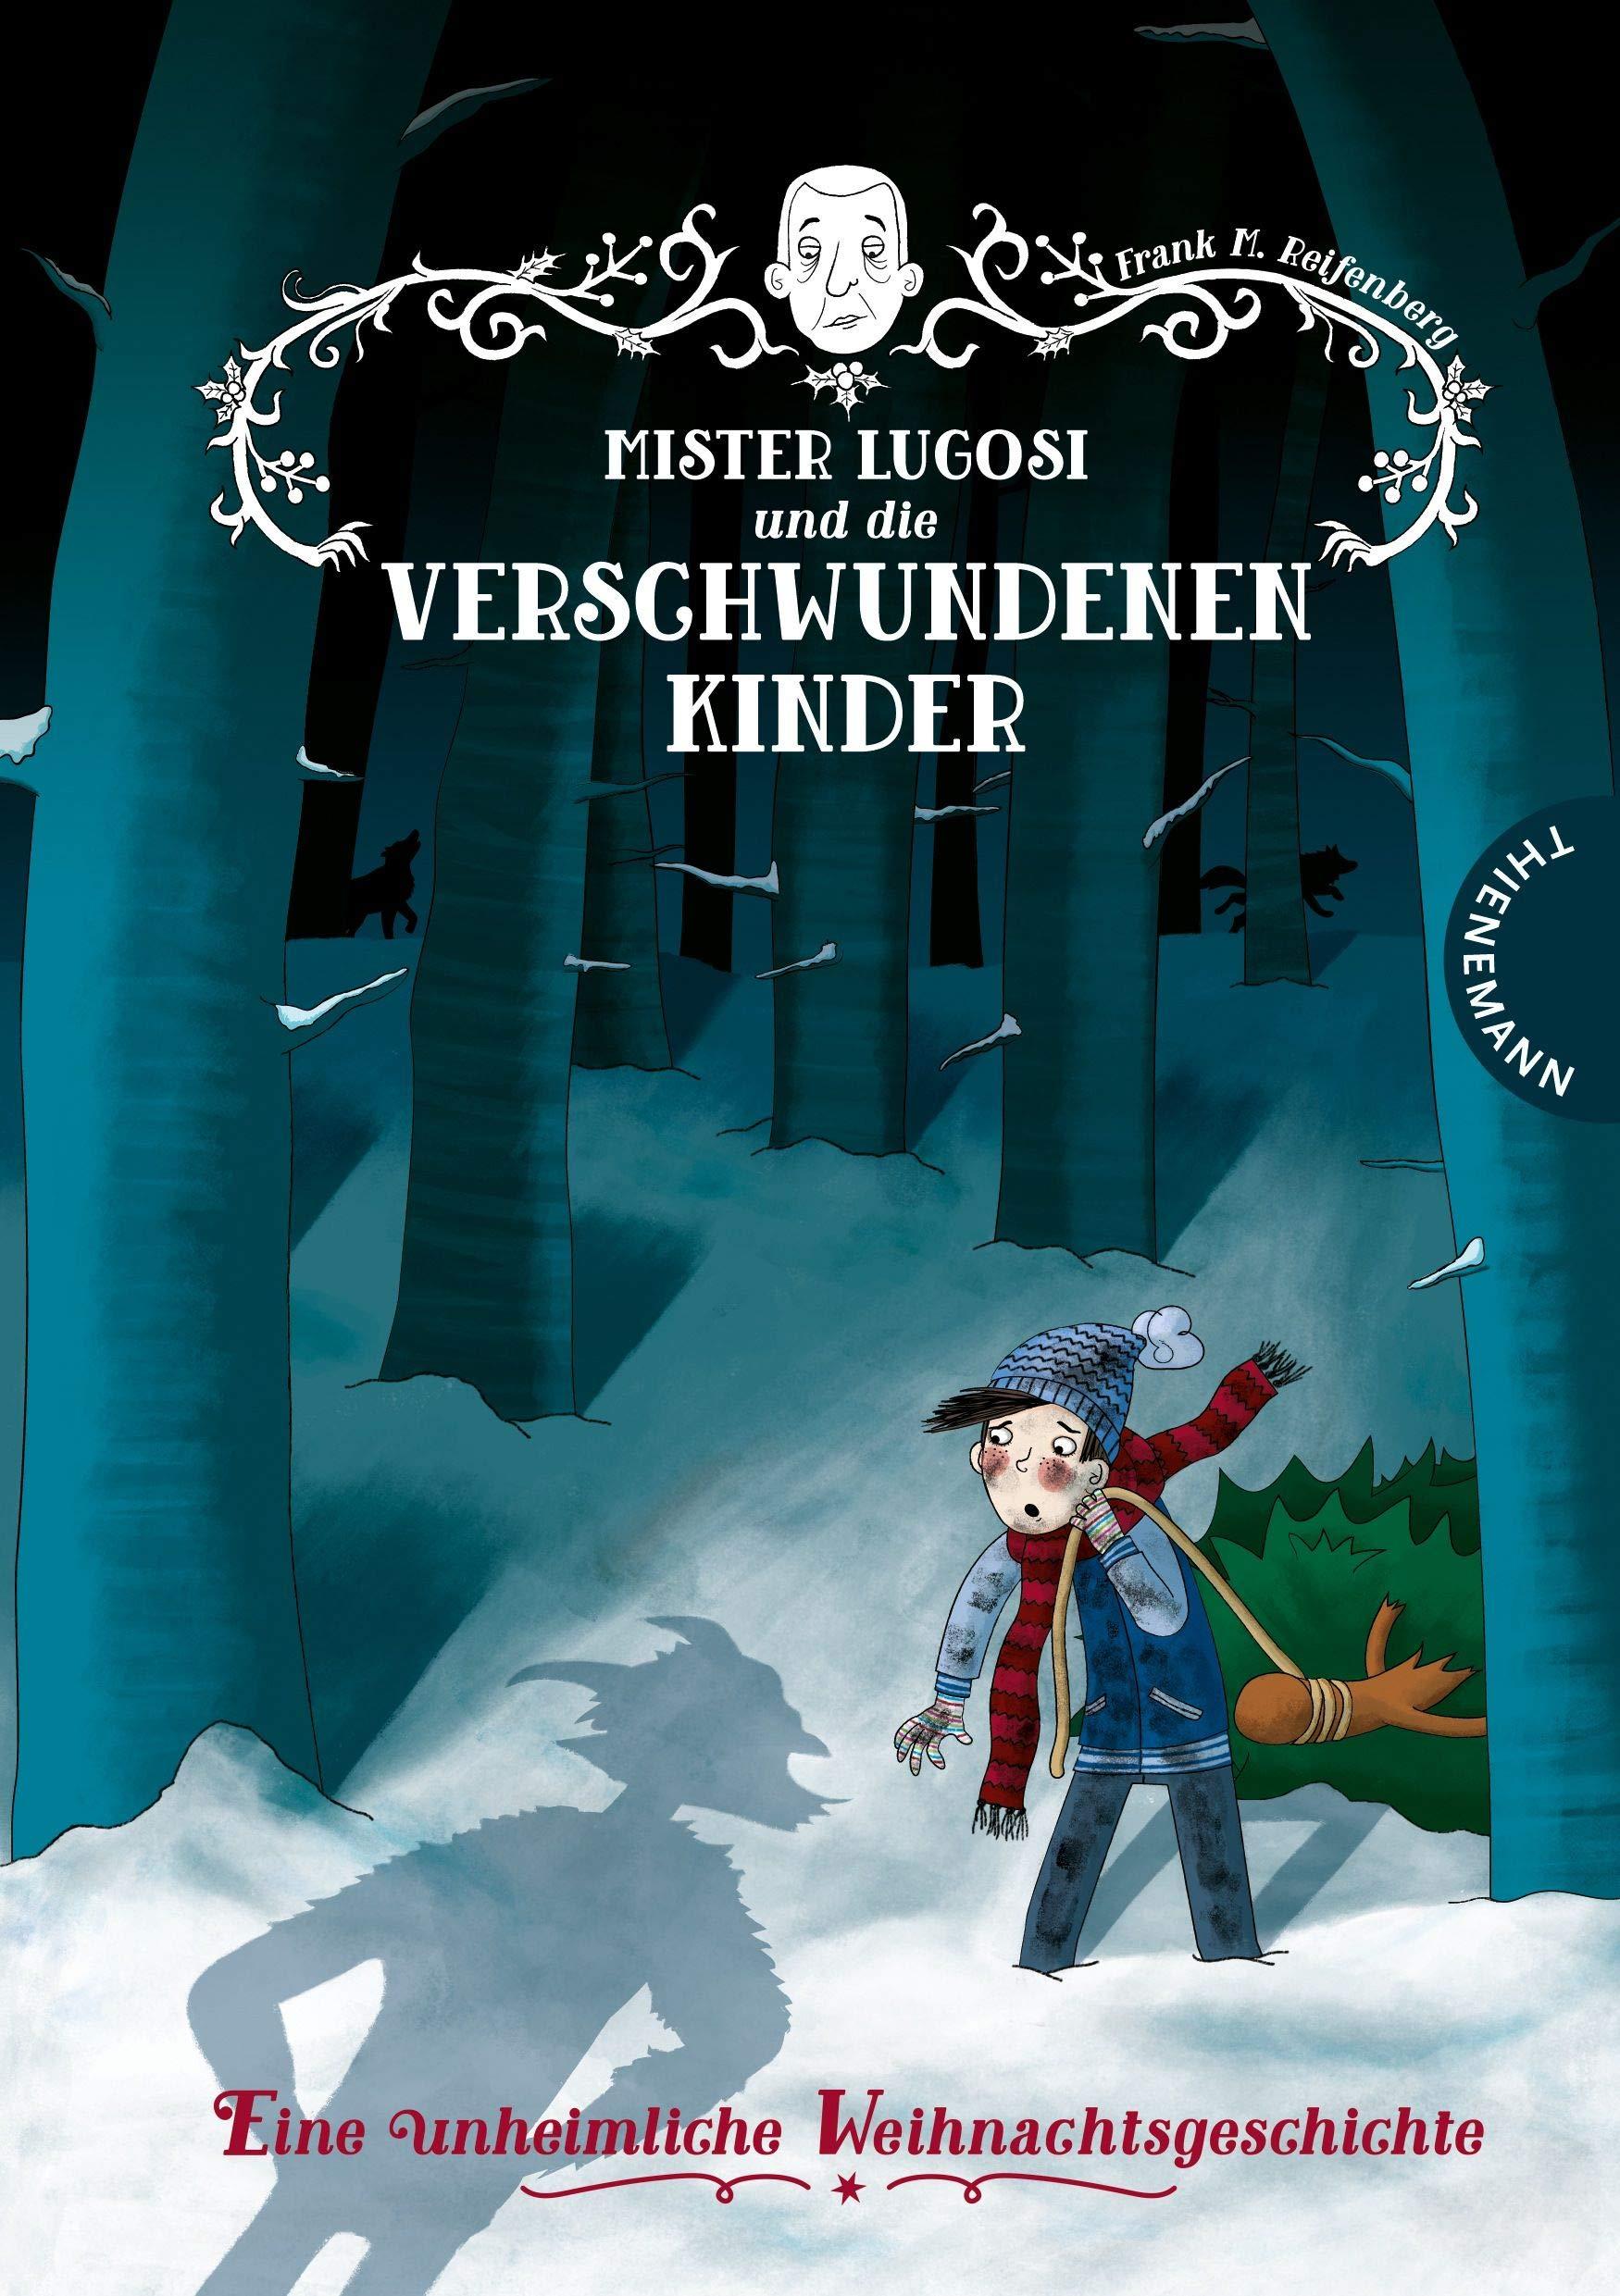 Mister Lugosi Und Die Verschwundenen Kinder Eine Unheimliche Weihnachtsgeschichte Amazon De Reifenberg Frank M Parciak Monika Bucher